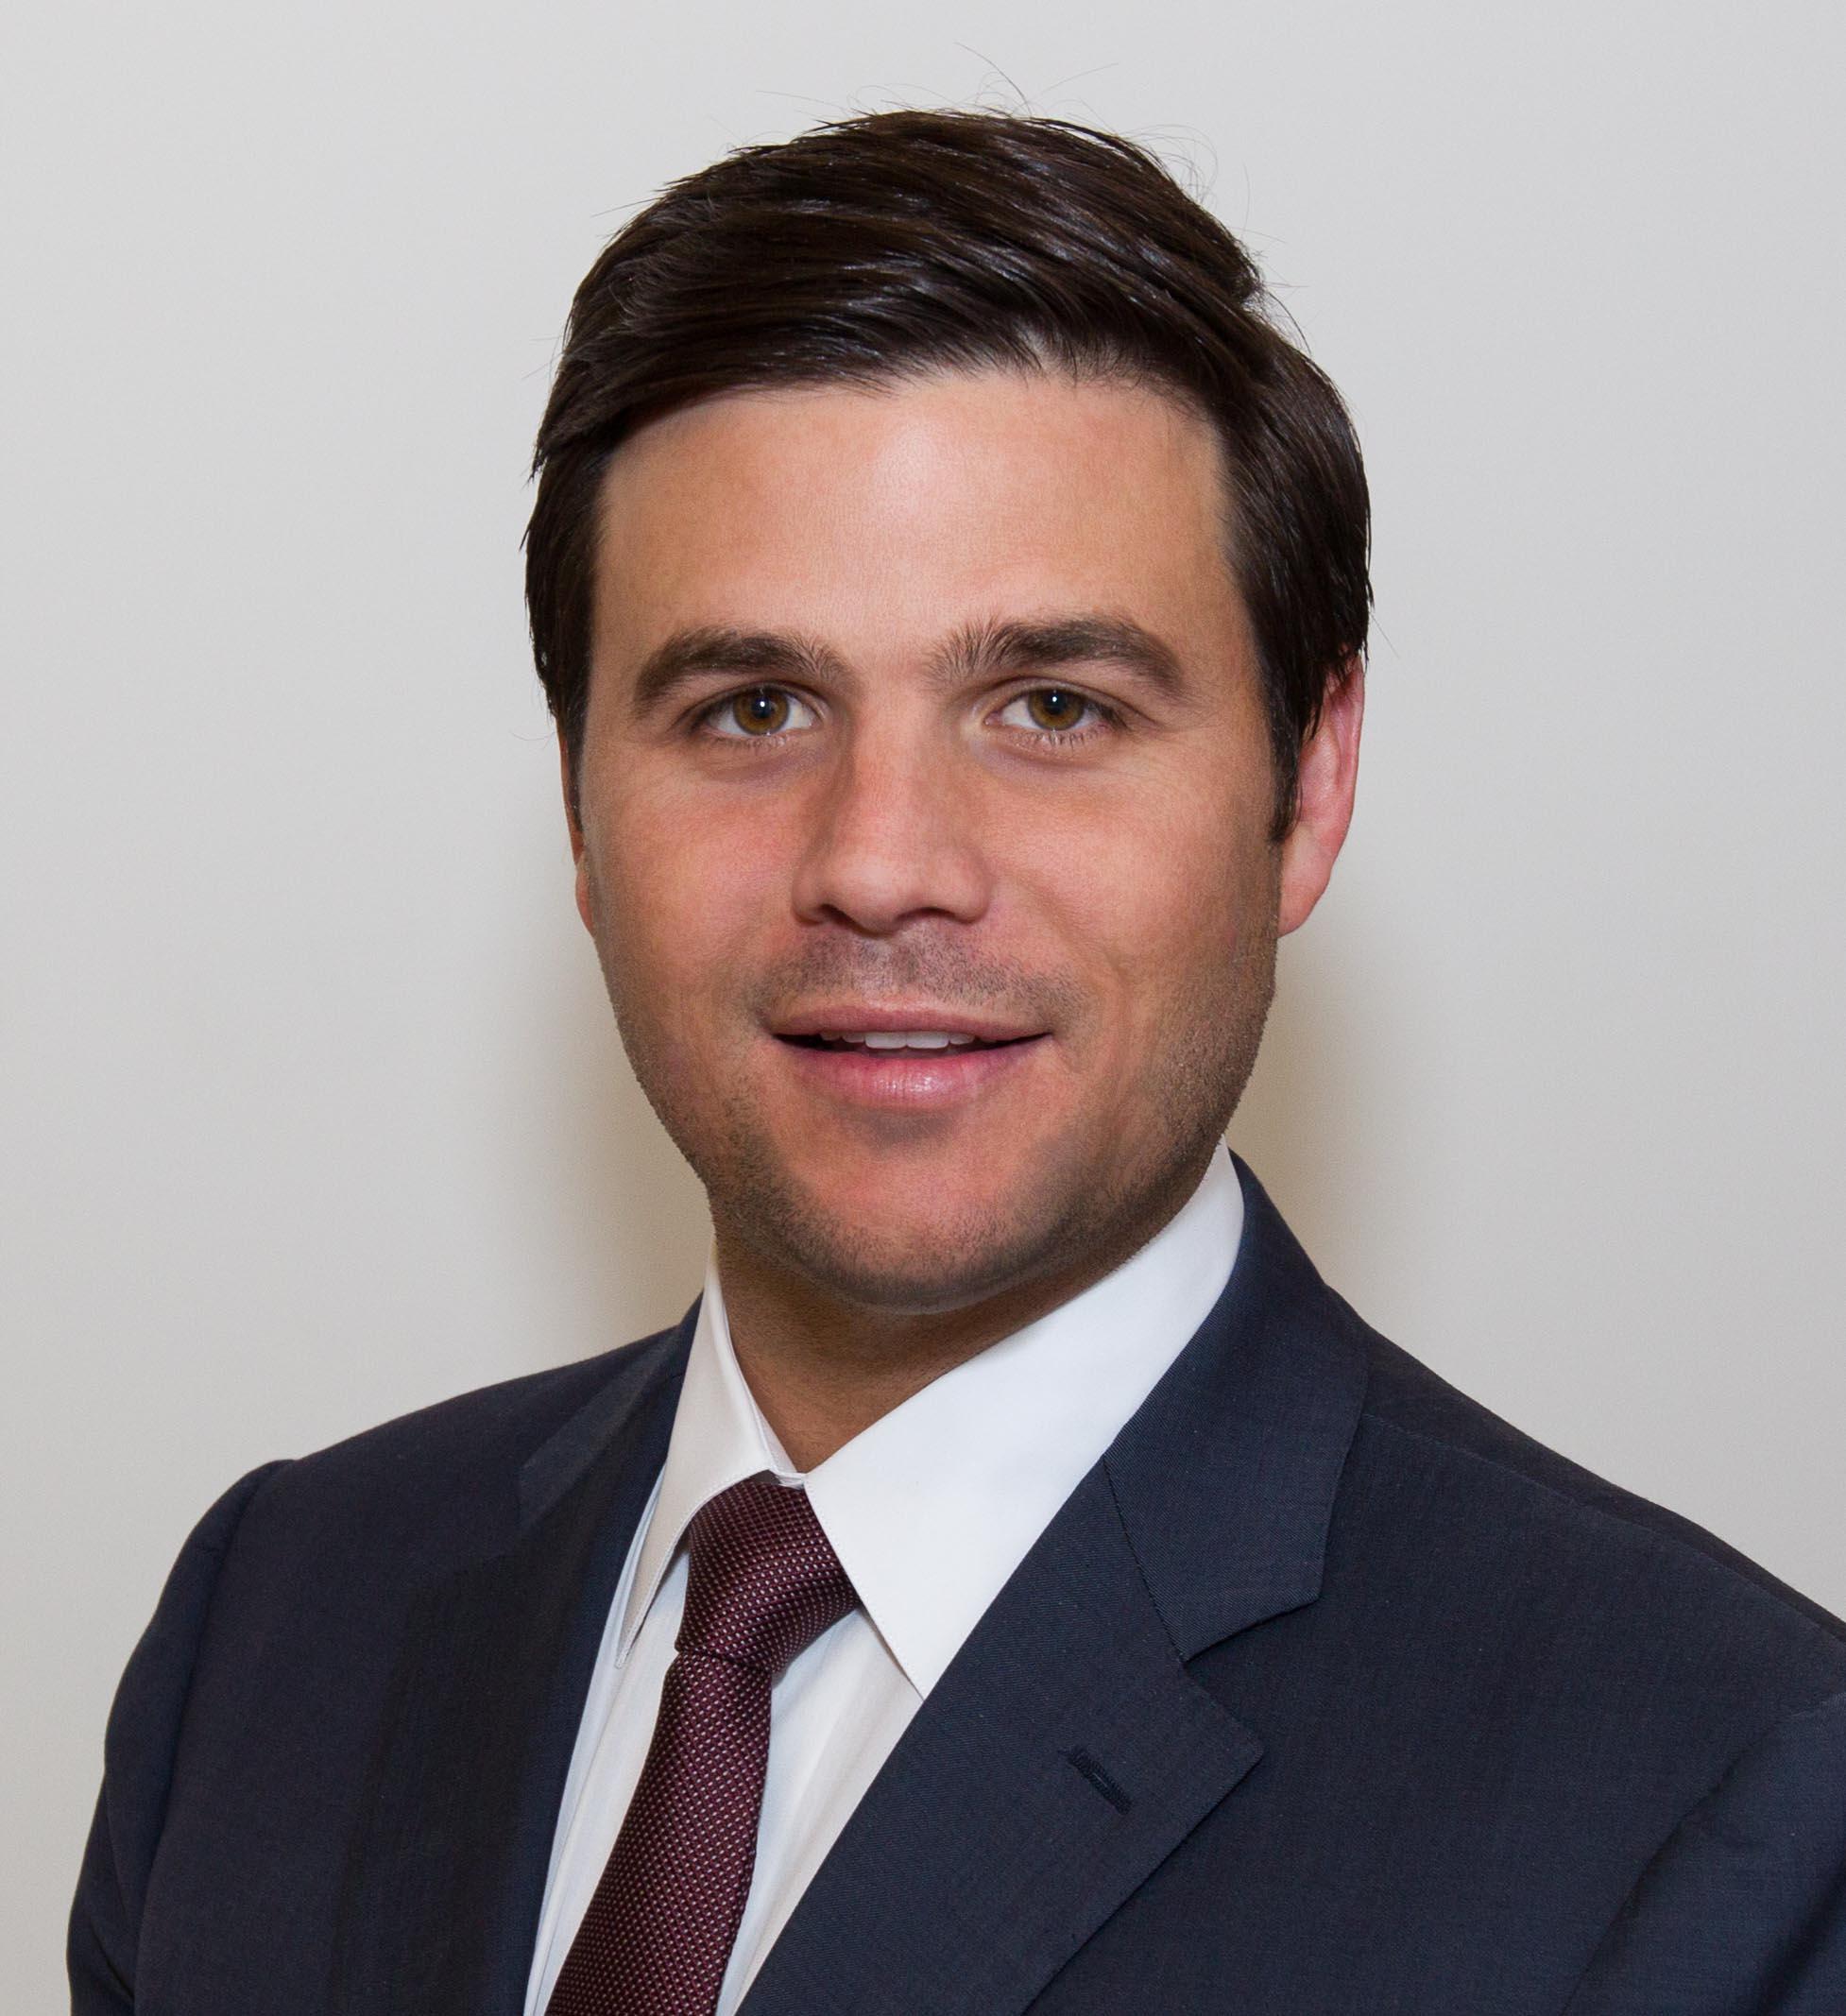 Daniel de la Vega Net Worth